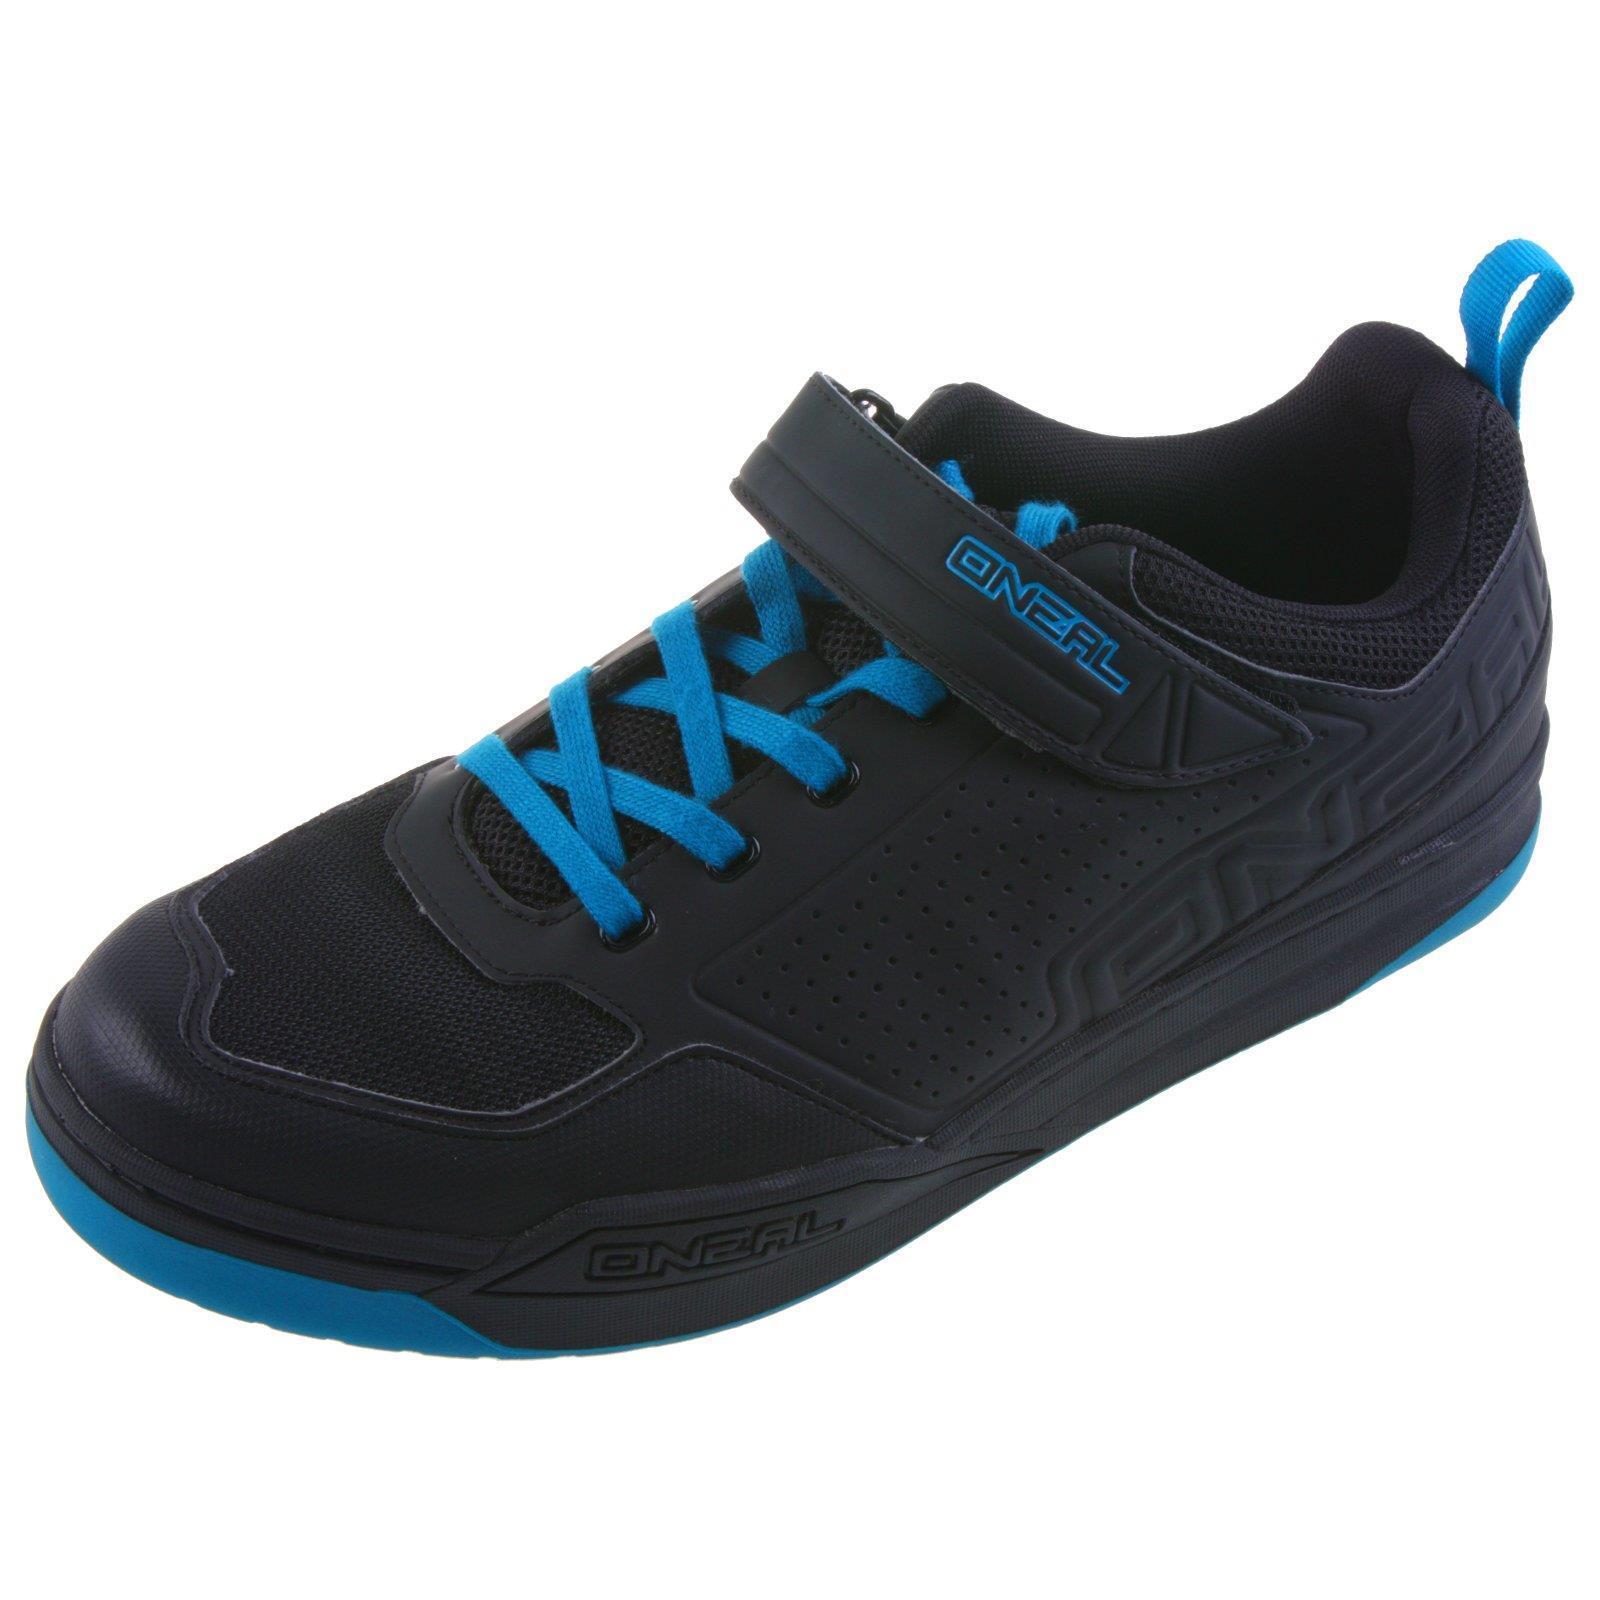 O  'neal Flow spd pedal de bicicleta zapatos zapatillas MTB BMX DH FR All mountain azul 45  los nuevos estilos calientes